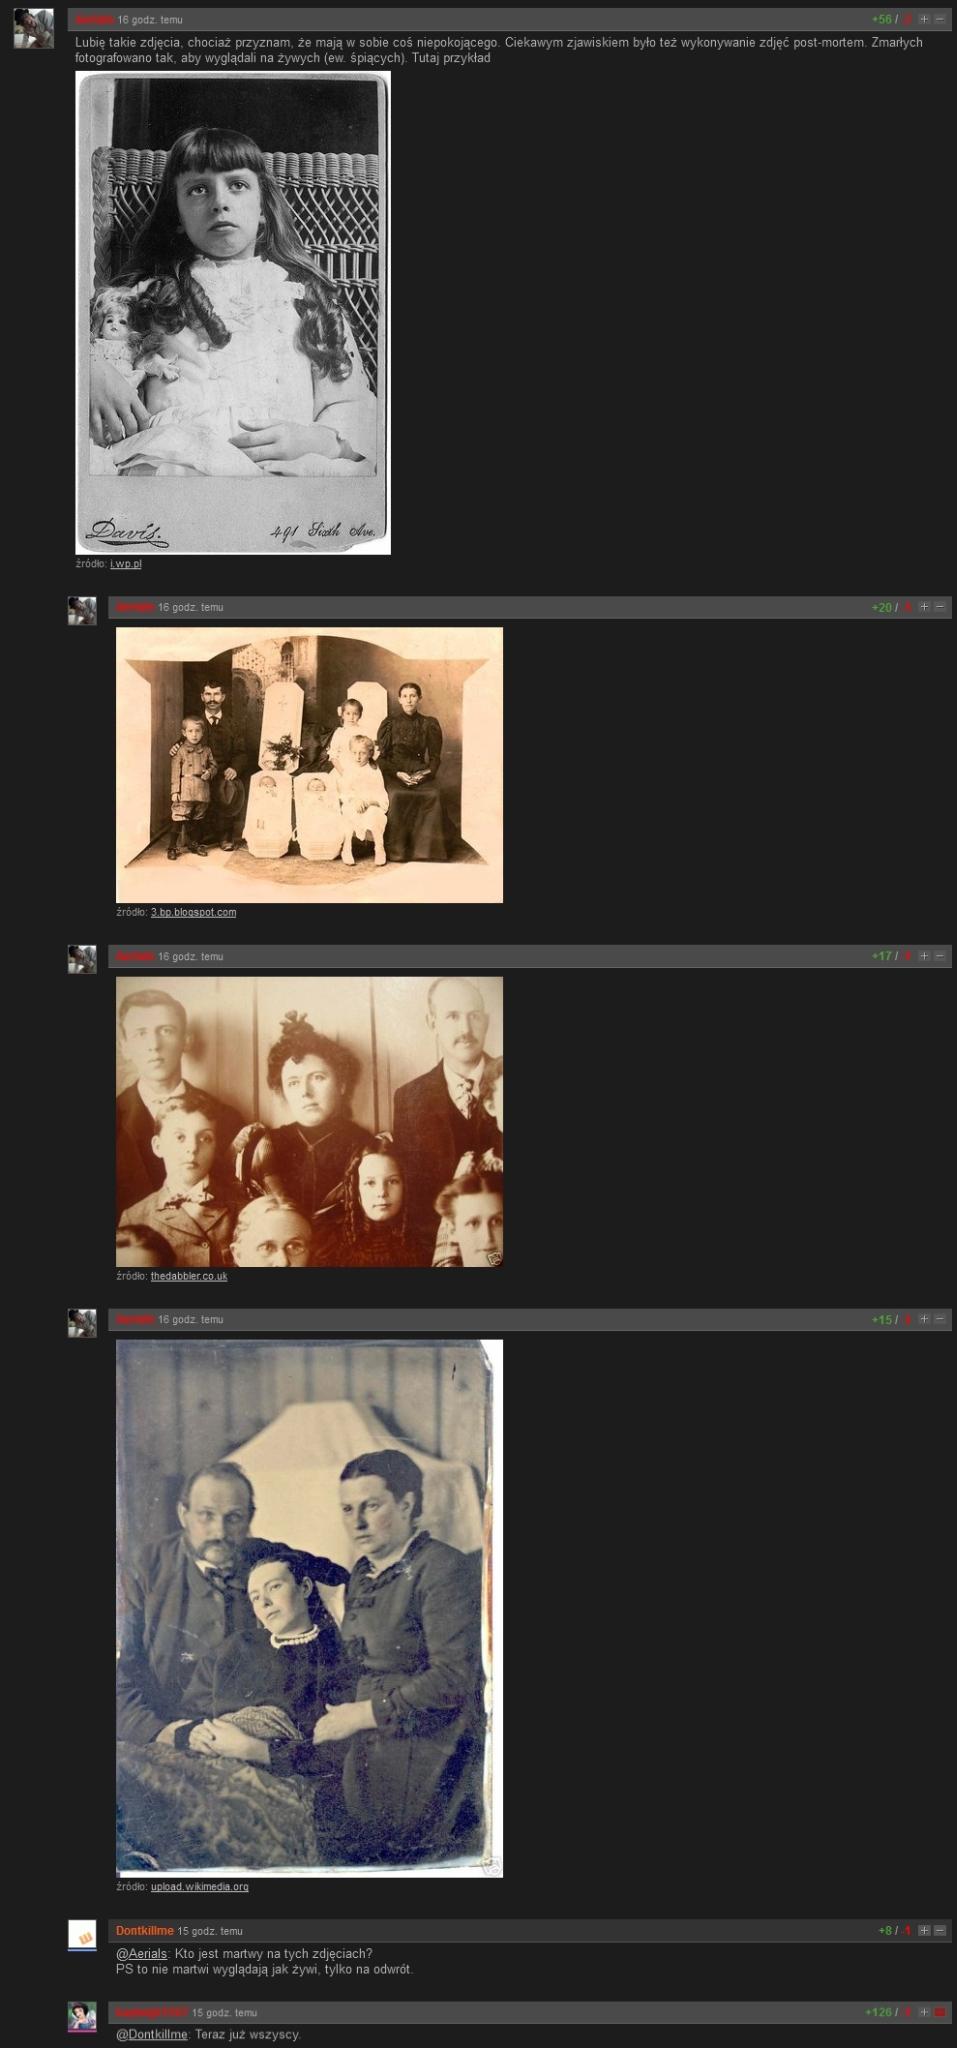 Kto jest martwy na tych zdjęciach?